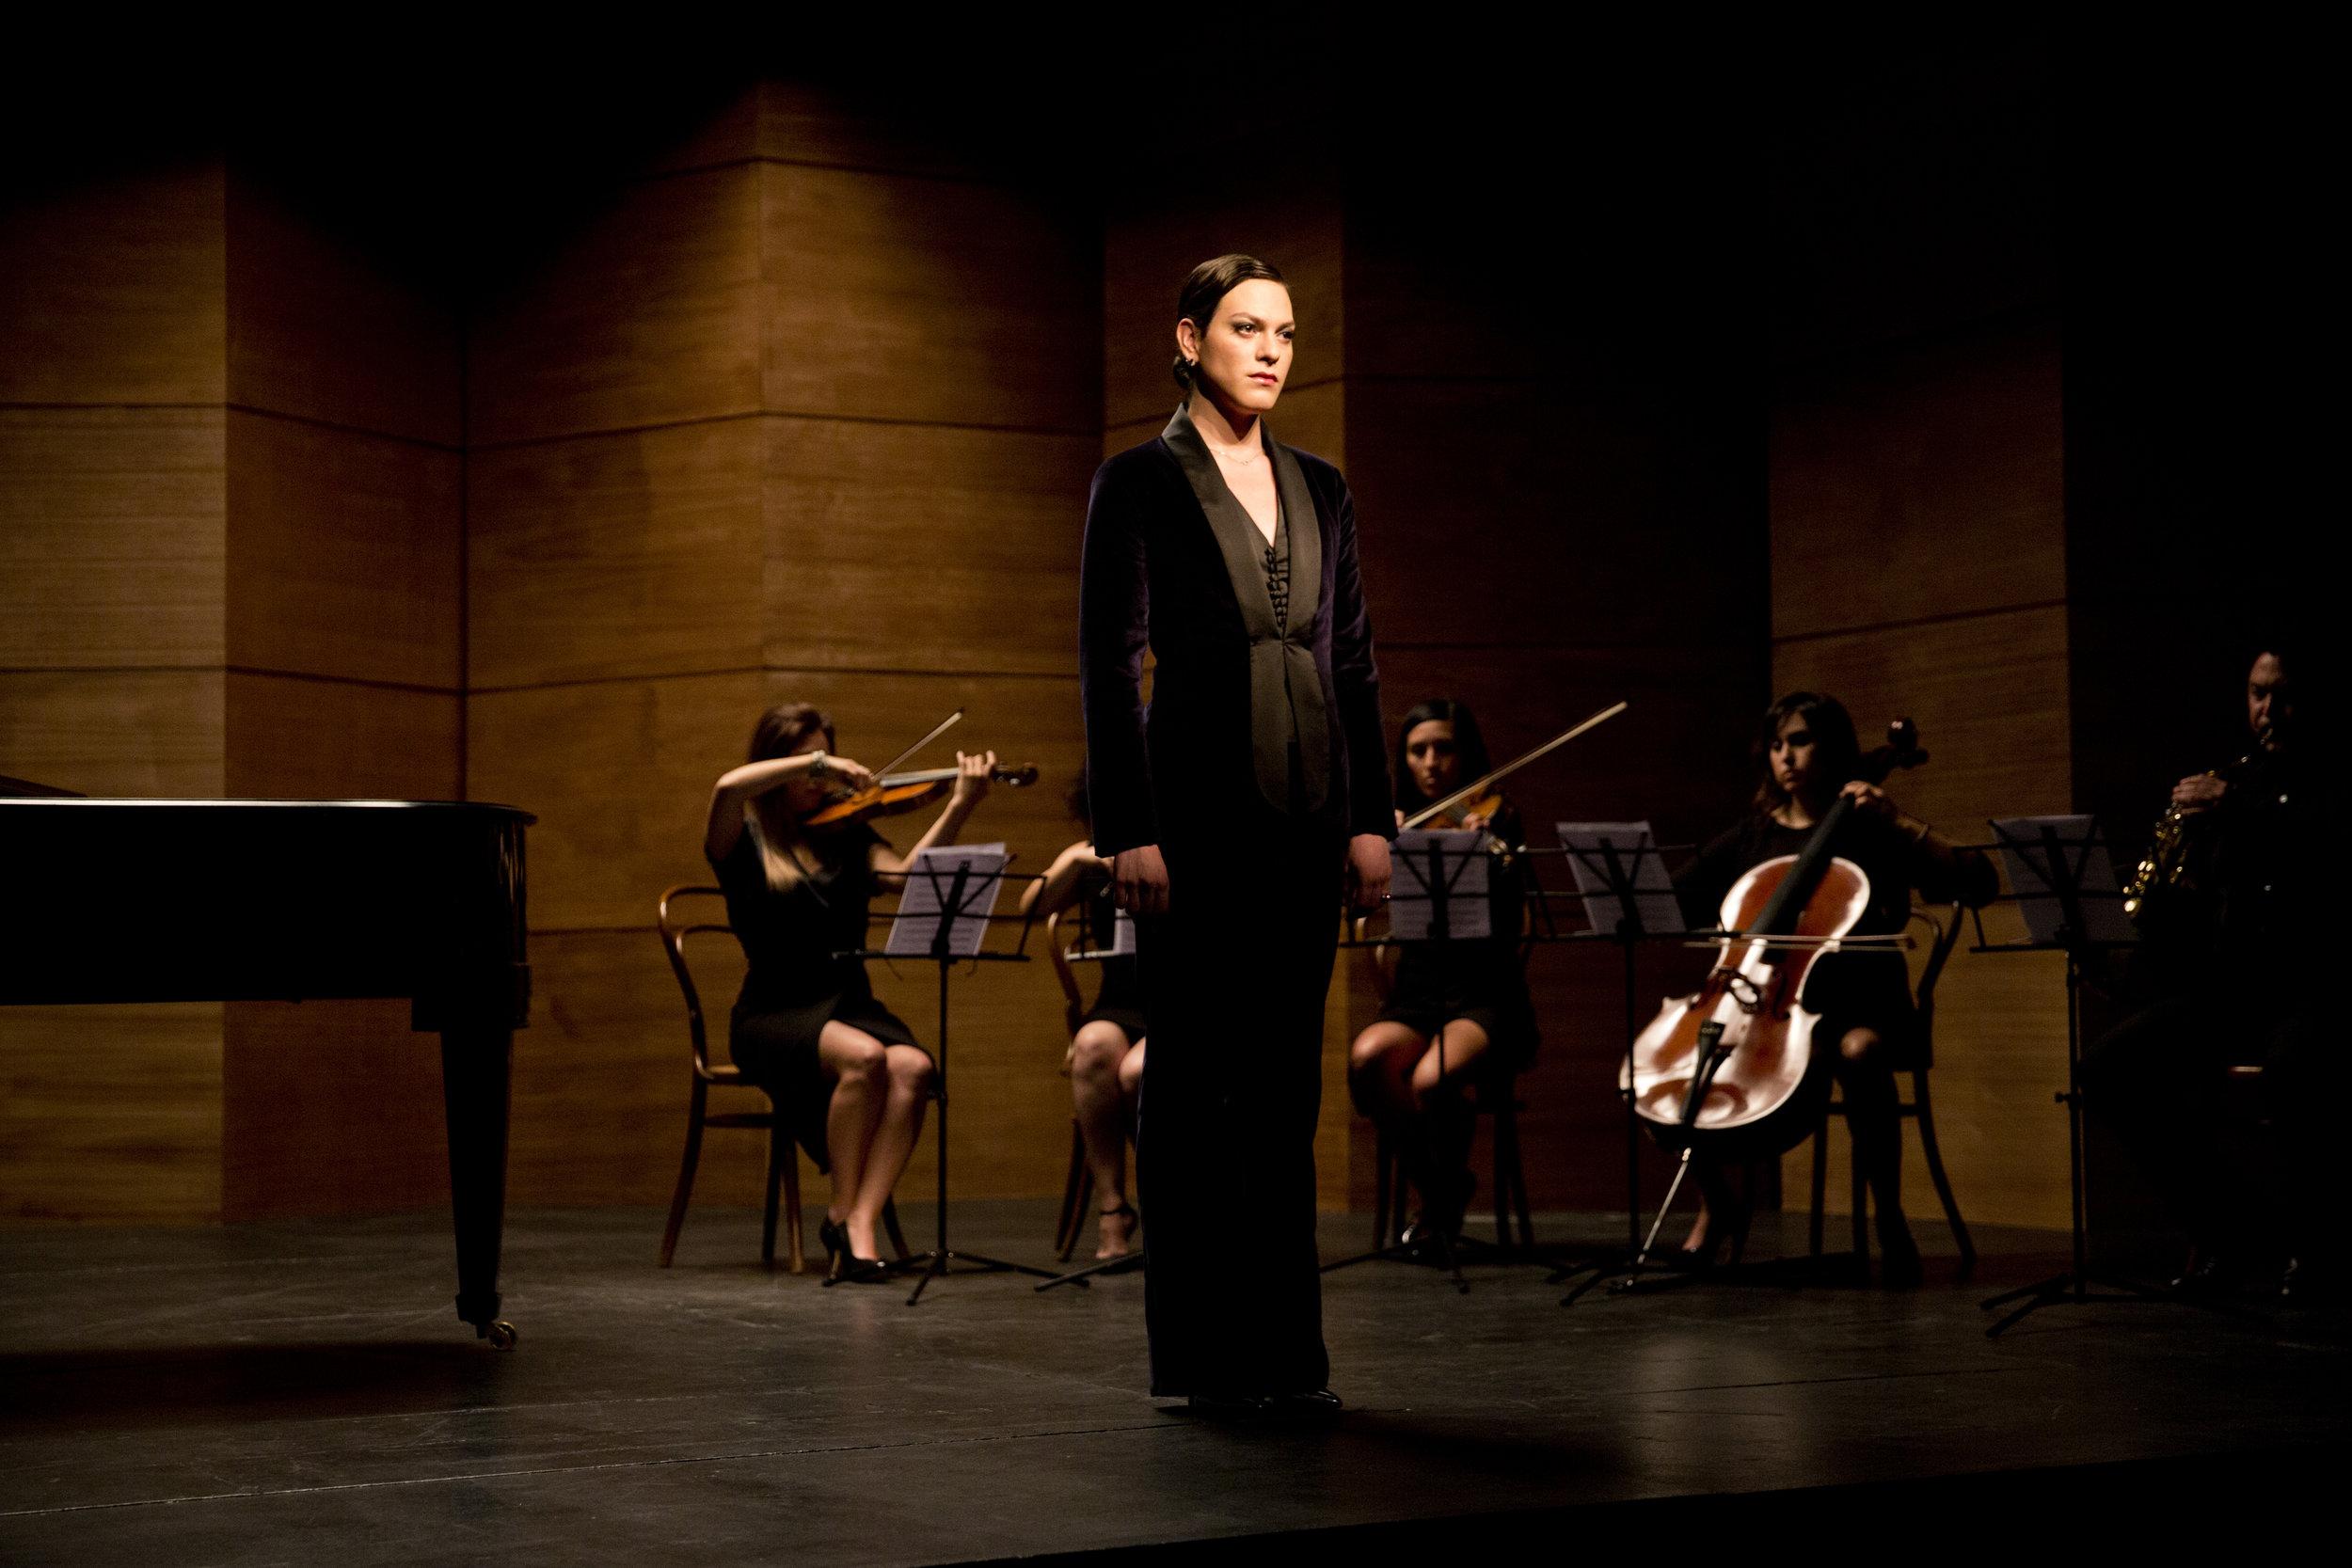 Daniela velger å være kvinne og bruke sin mørke sangstemme til å synge offentlig.